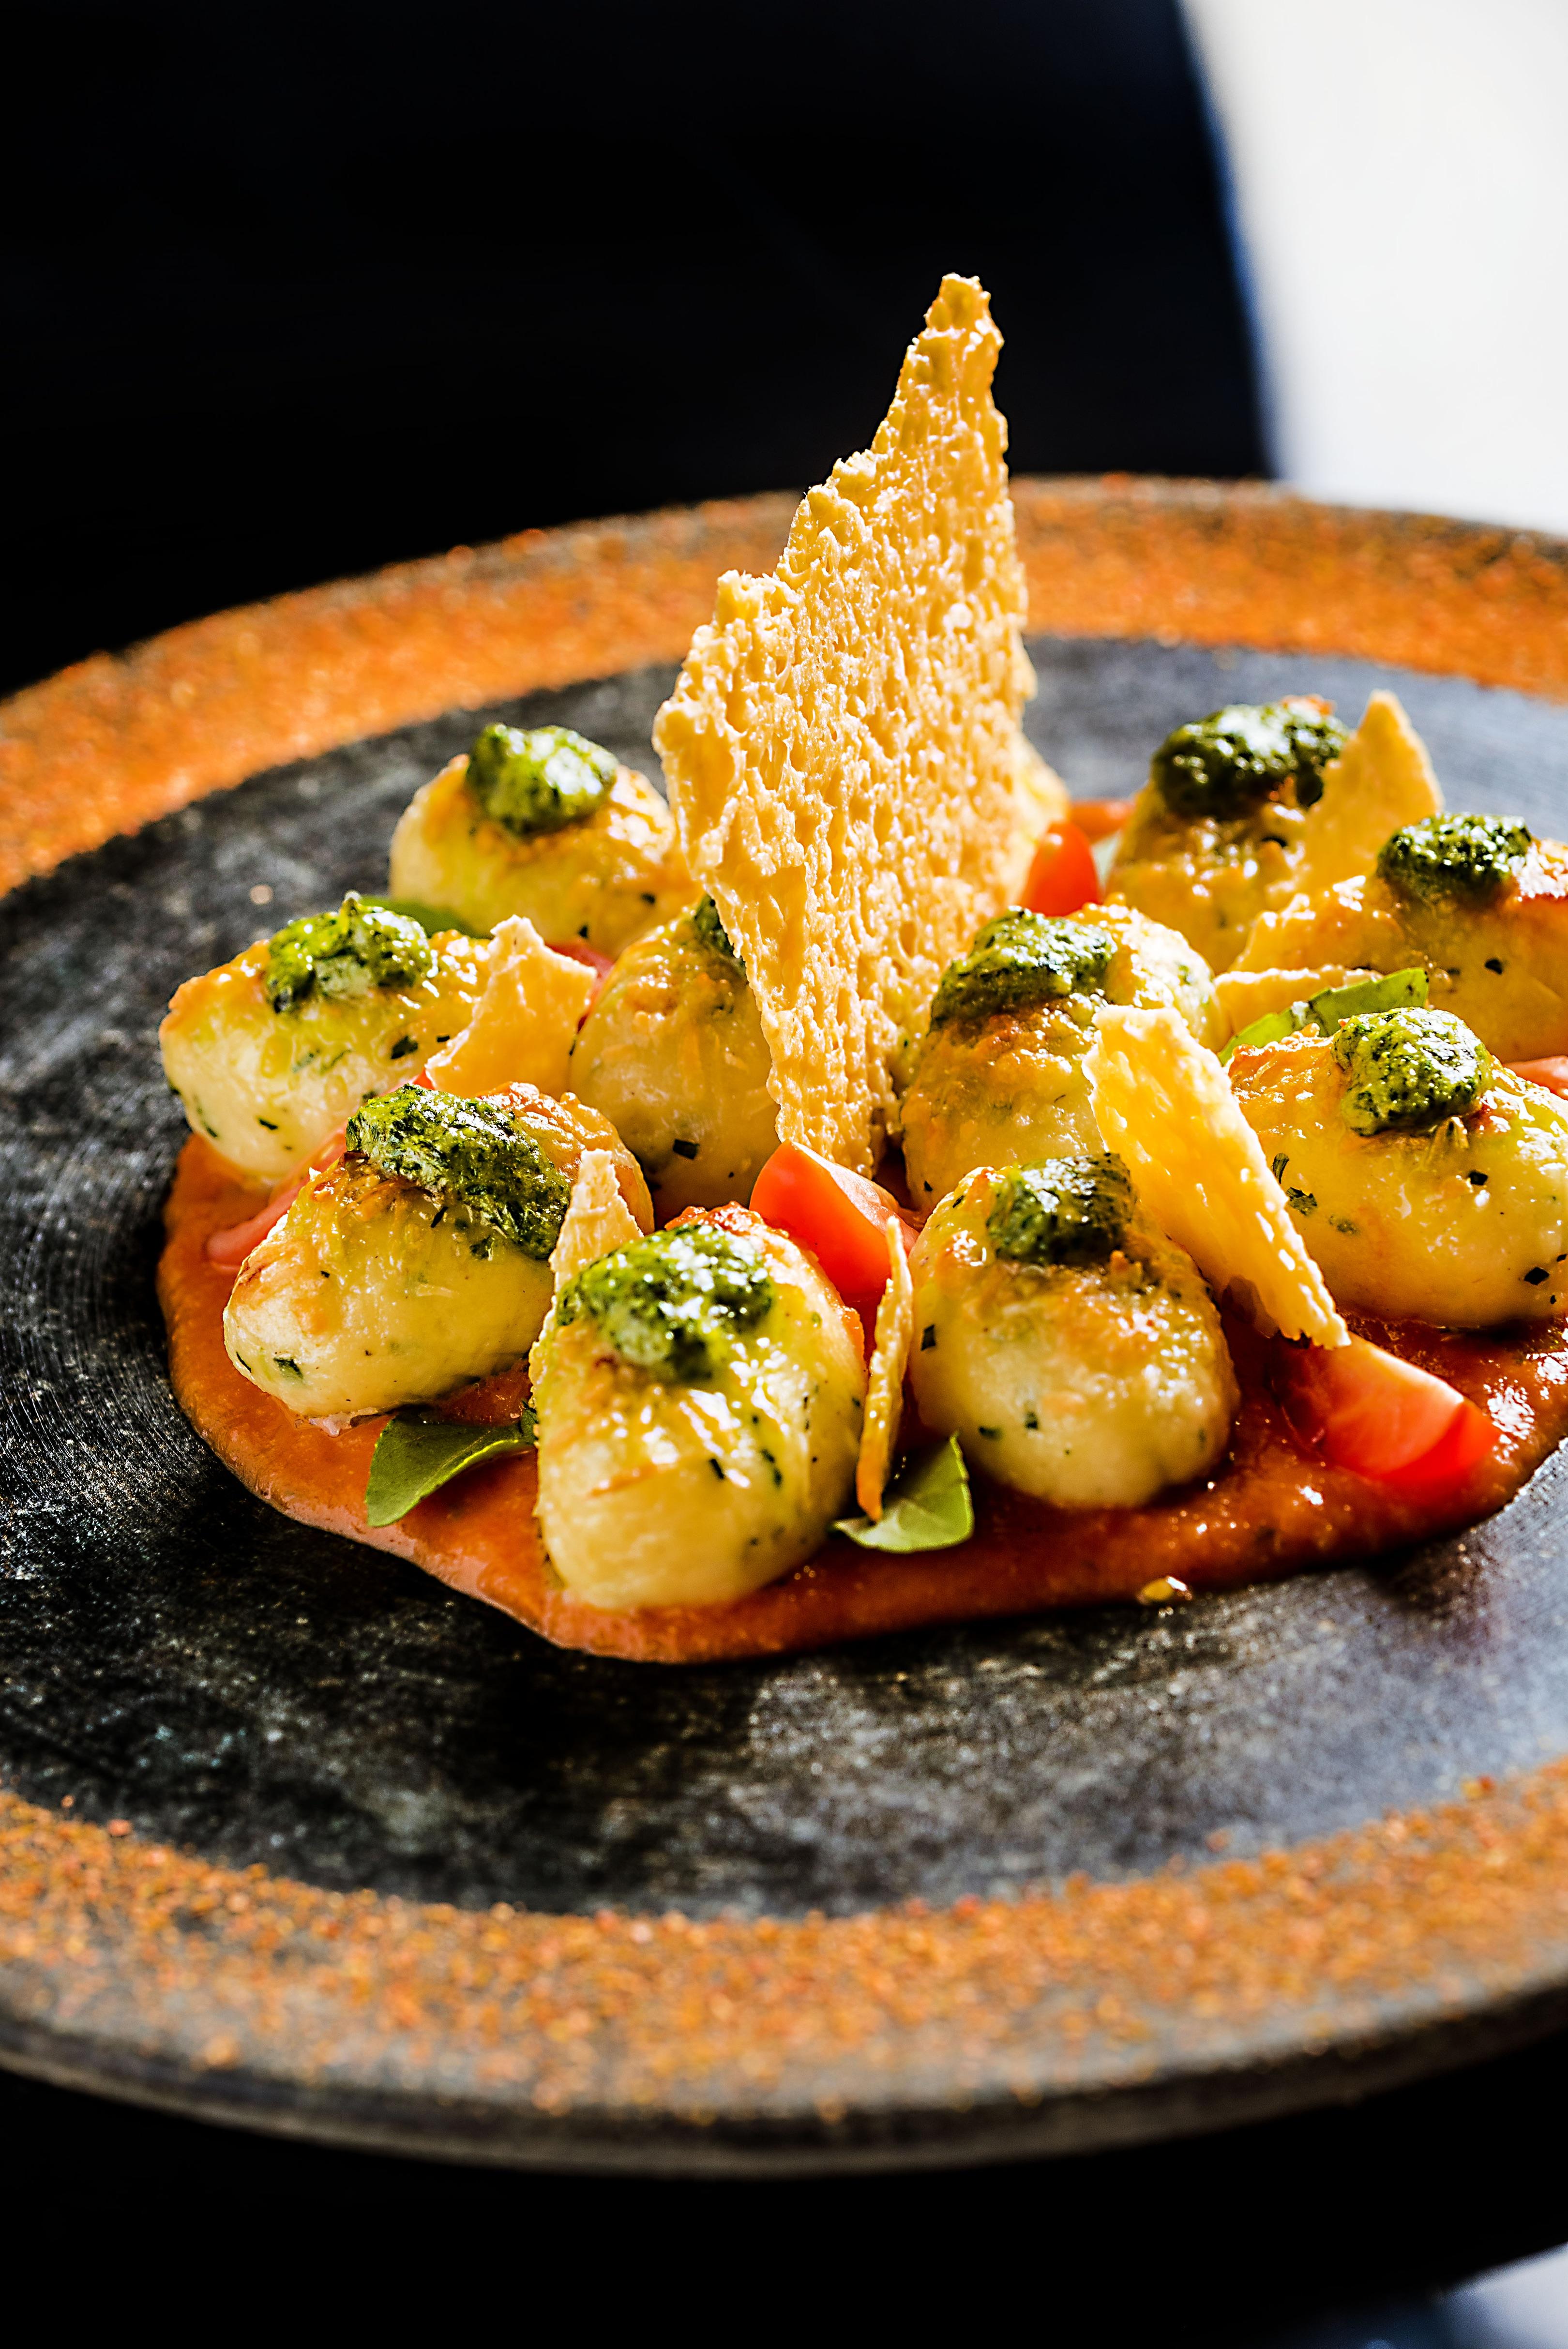 O nhoque de batata recheado de queijo da Serra da Canastra ao molho de tomate e pesto genovês (R$ 66,00) faz sucesso no Ino.